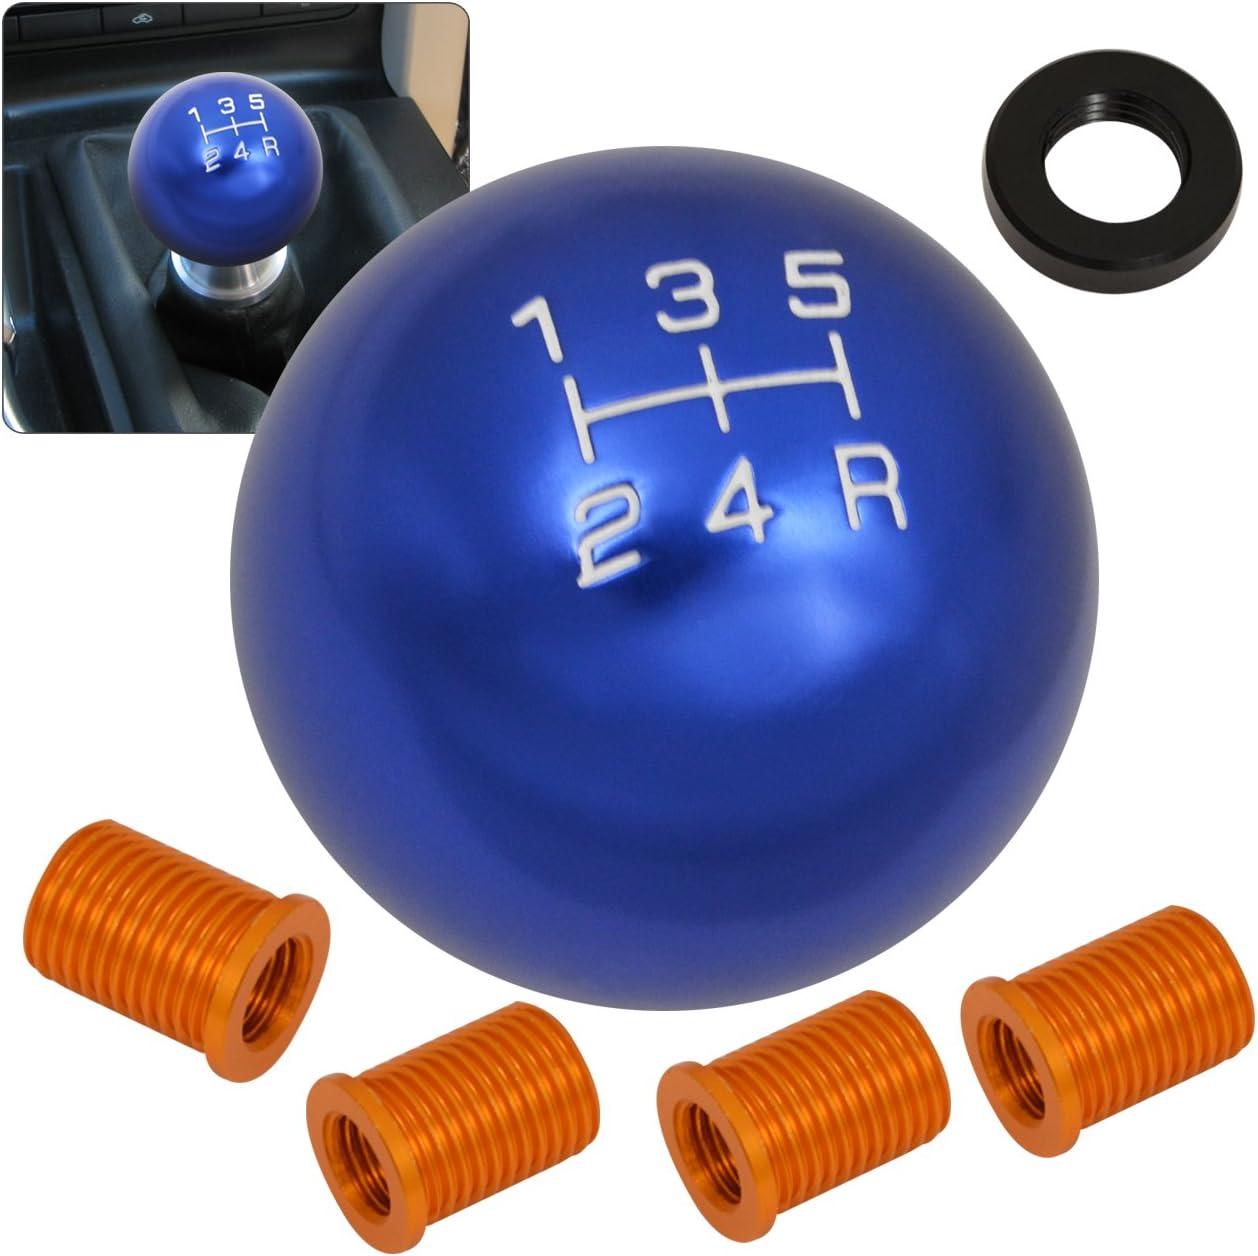 Gear Shift Knob Titanium Burn Finish Fit M8x1.5 M10x1.25 M10x1.5 M12x1.5